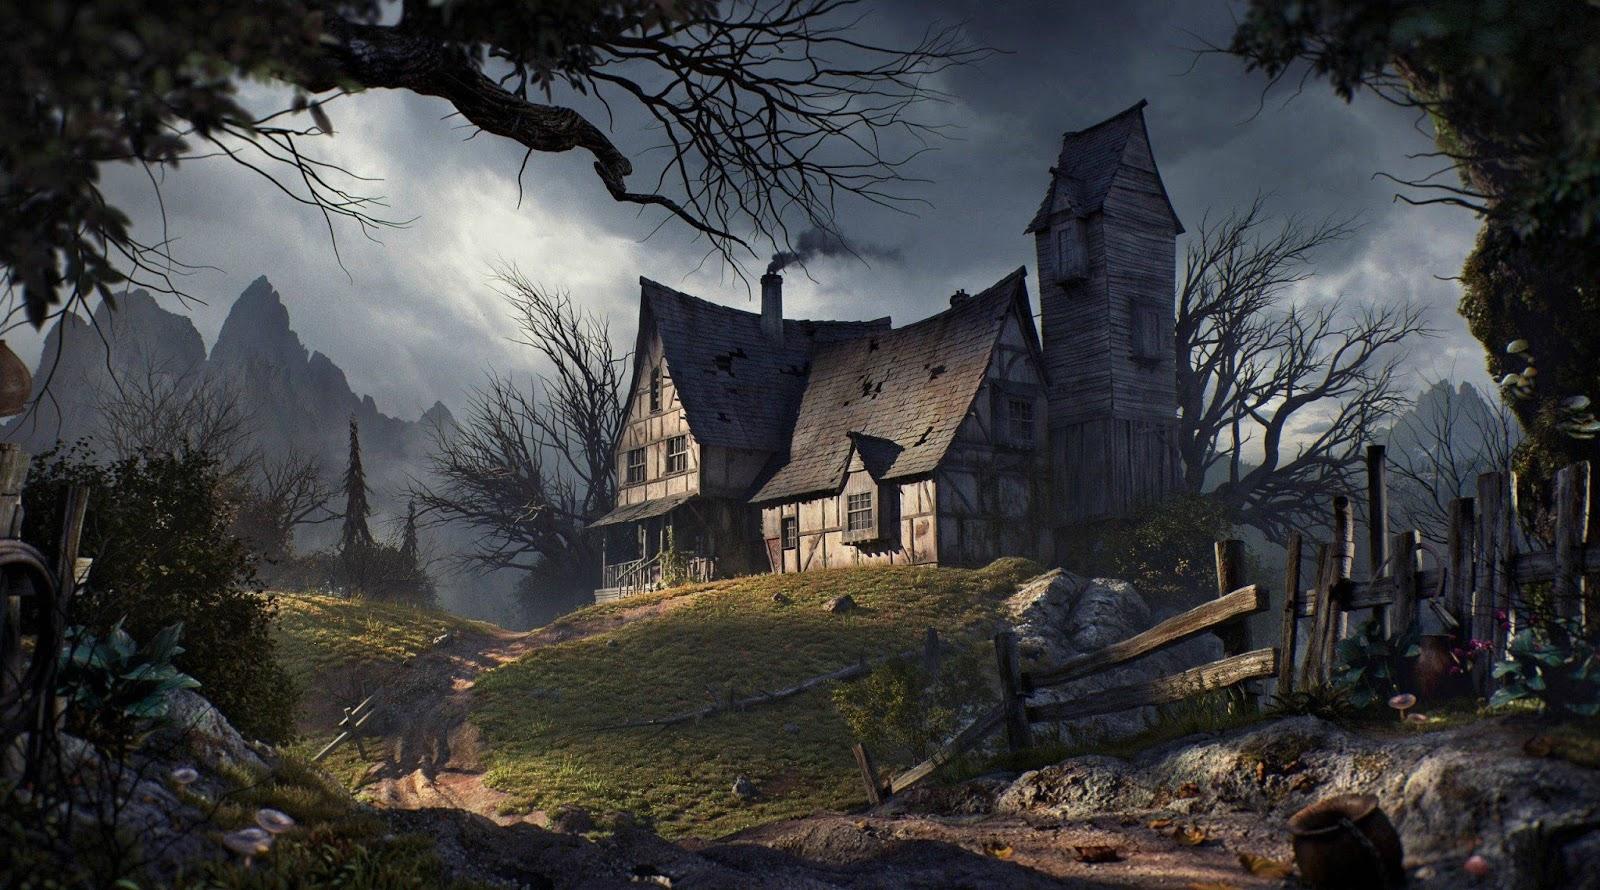 قصص حقيقية مرعبة قصة البيت المسكون قصة مخيفة جدا تحبس الأنفاس